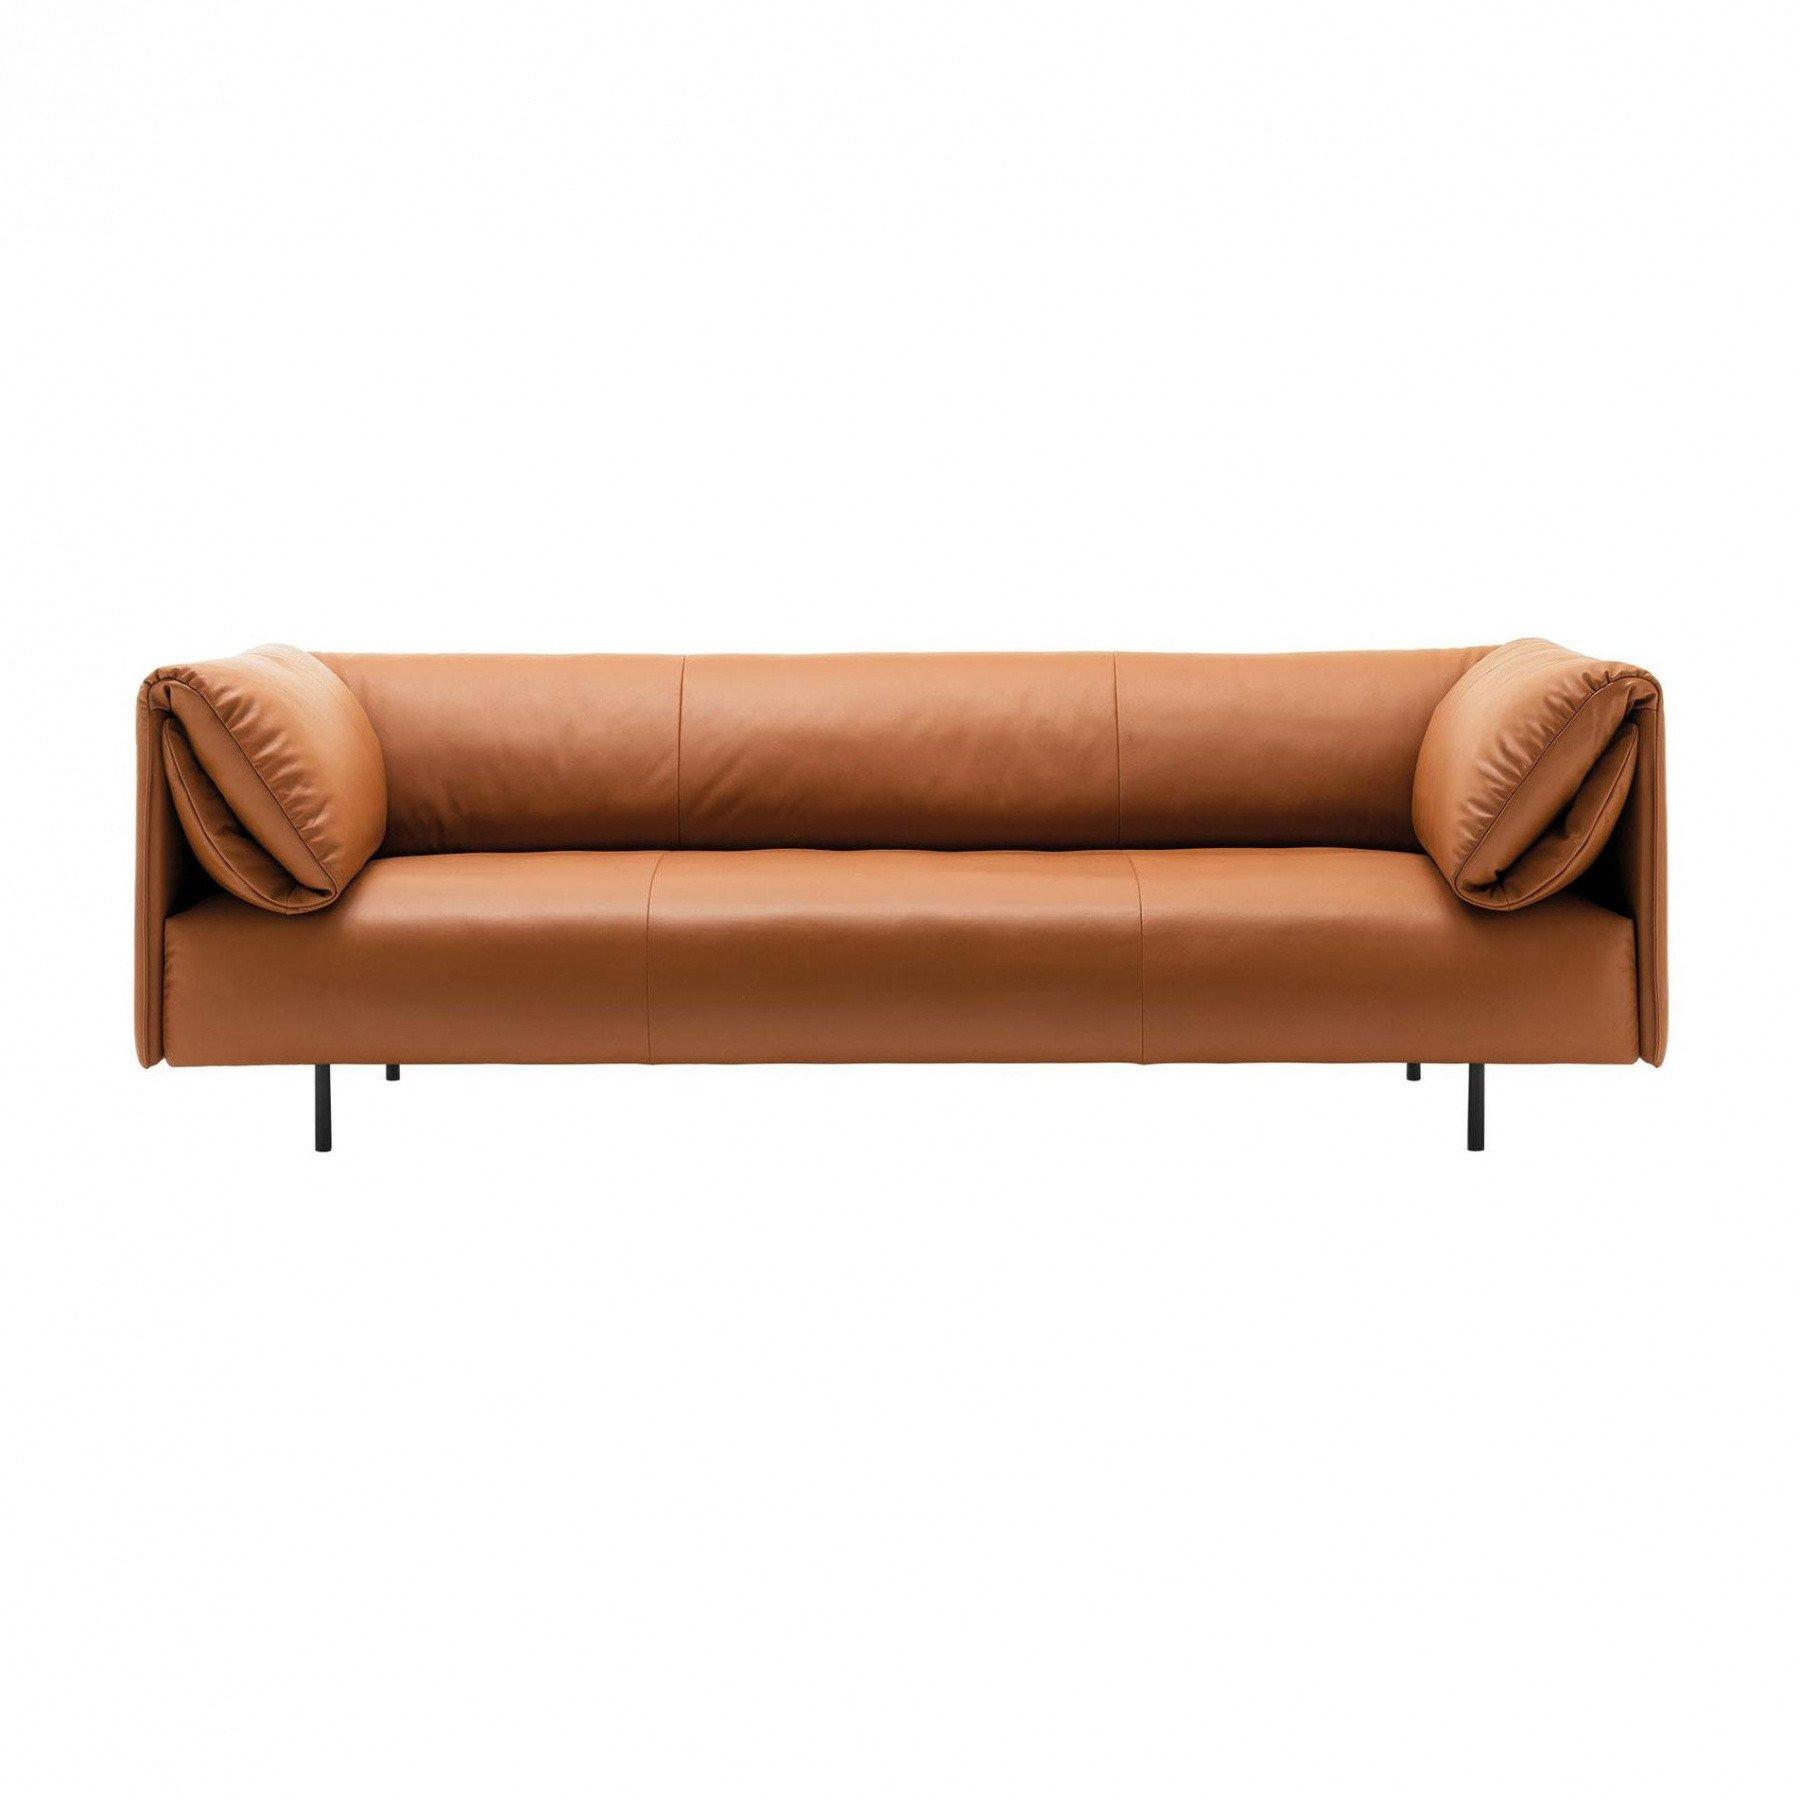 Faszinierend Benz Couch Foto Von Rolf - Rolf 520 Alma Sofa 4-seater